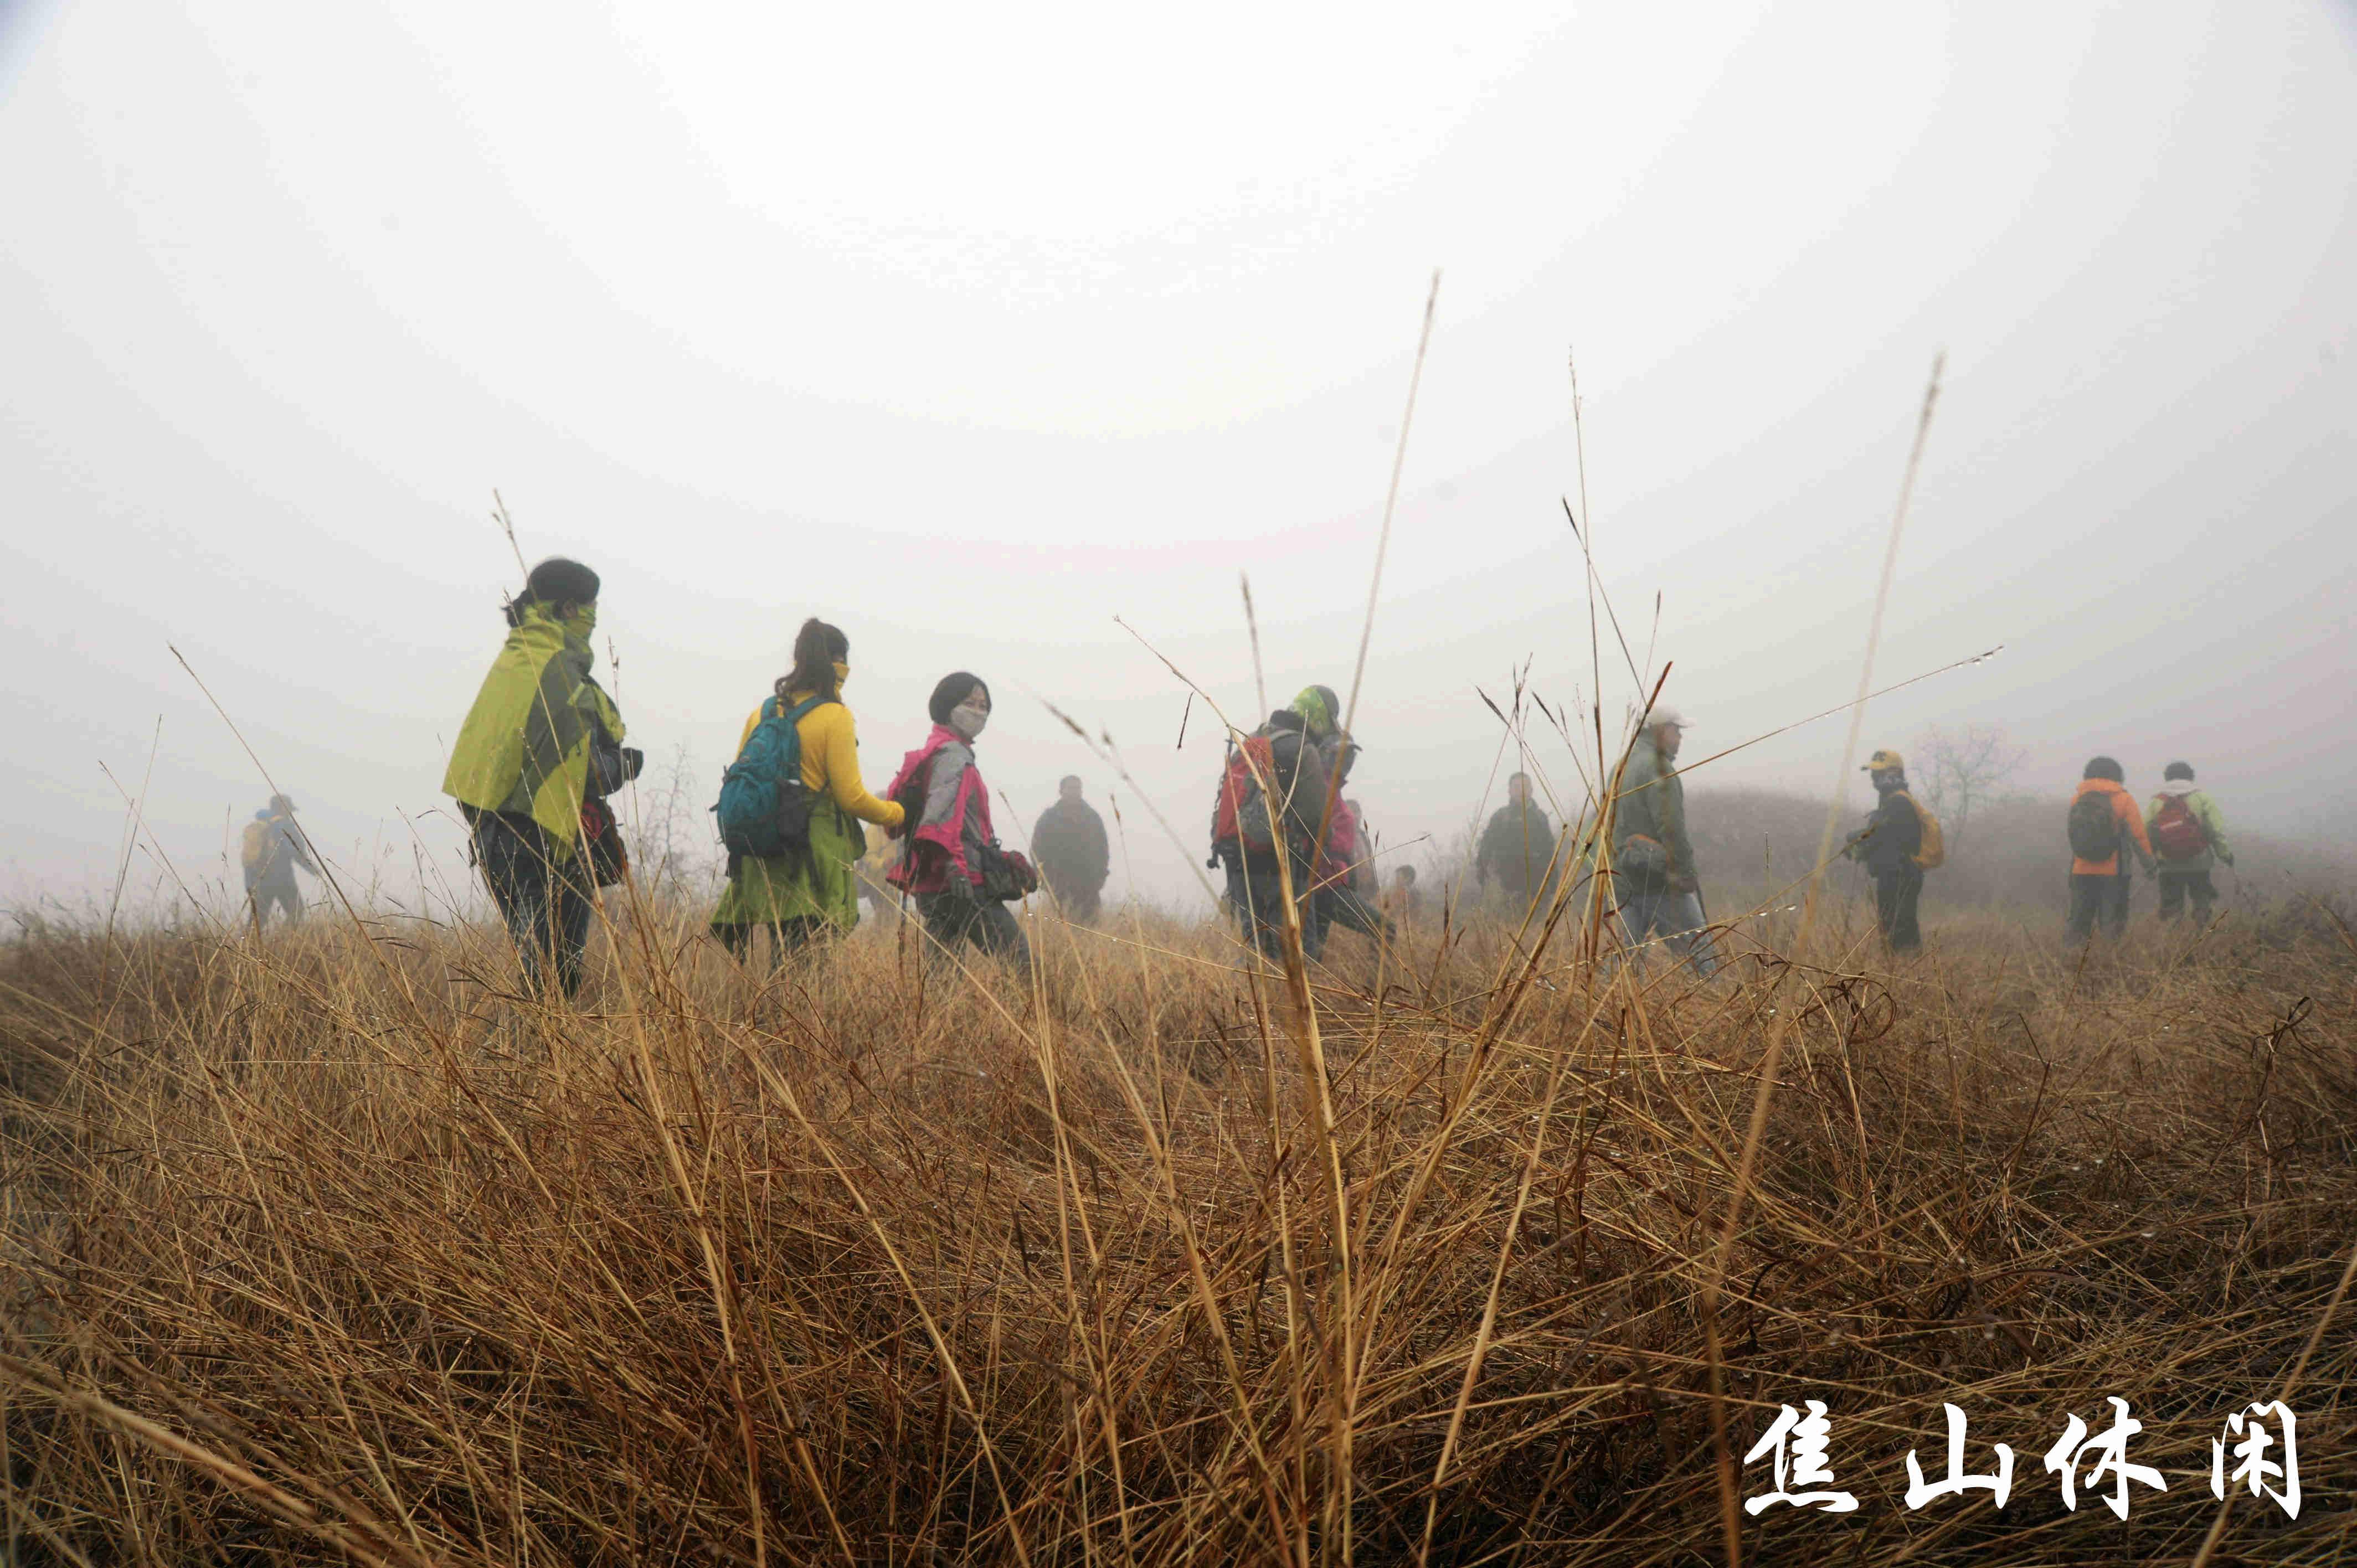 雾中凤凰山焦山银山裂谷 - 徐州自由行 绿野户外网